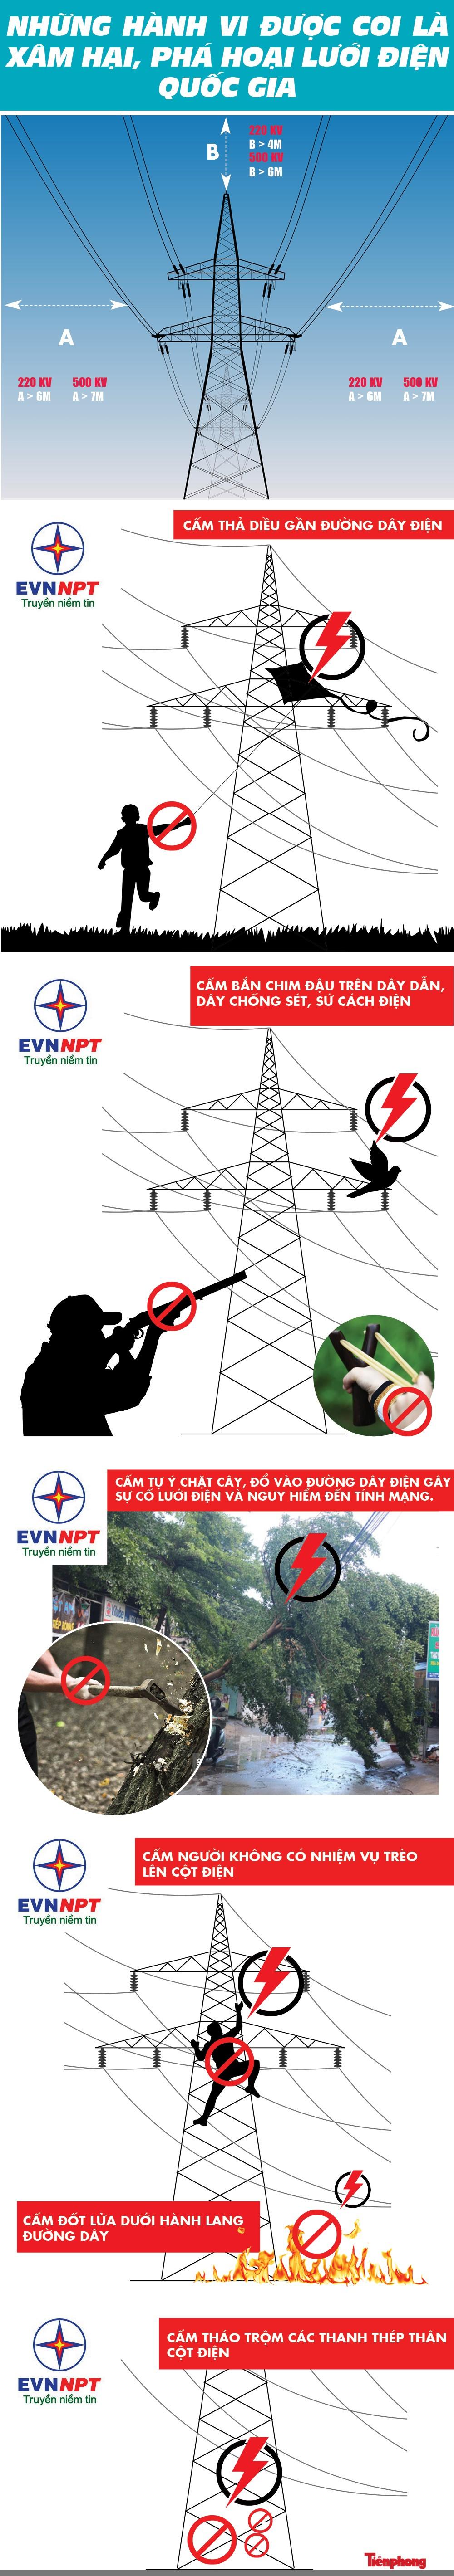 Vi phạm hành lang an toàn lưới điện: Có thể bị khởi tố hình sự ảnh 1